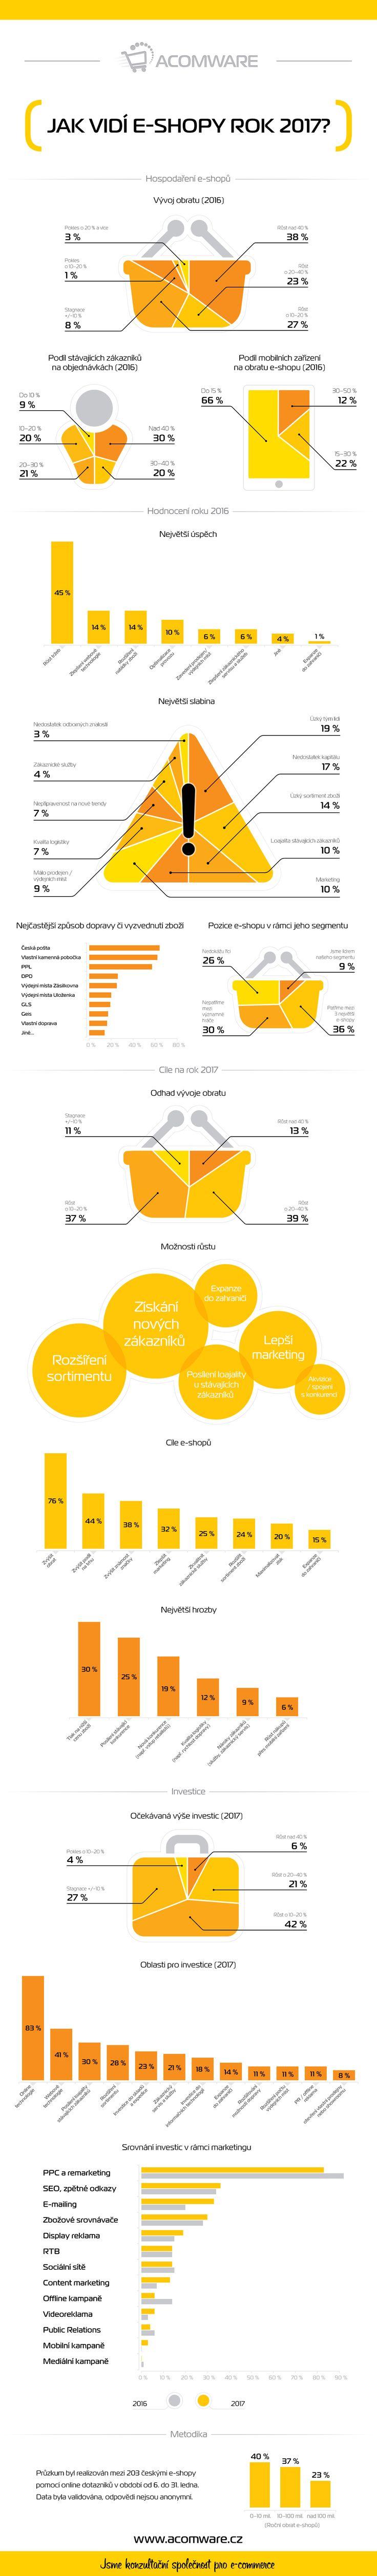 Rok 2017 a e-commerce: Jak jej vidí e-shopy? Dozvíte se v infografice!